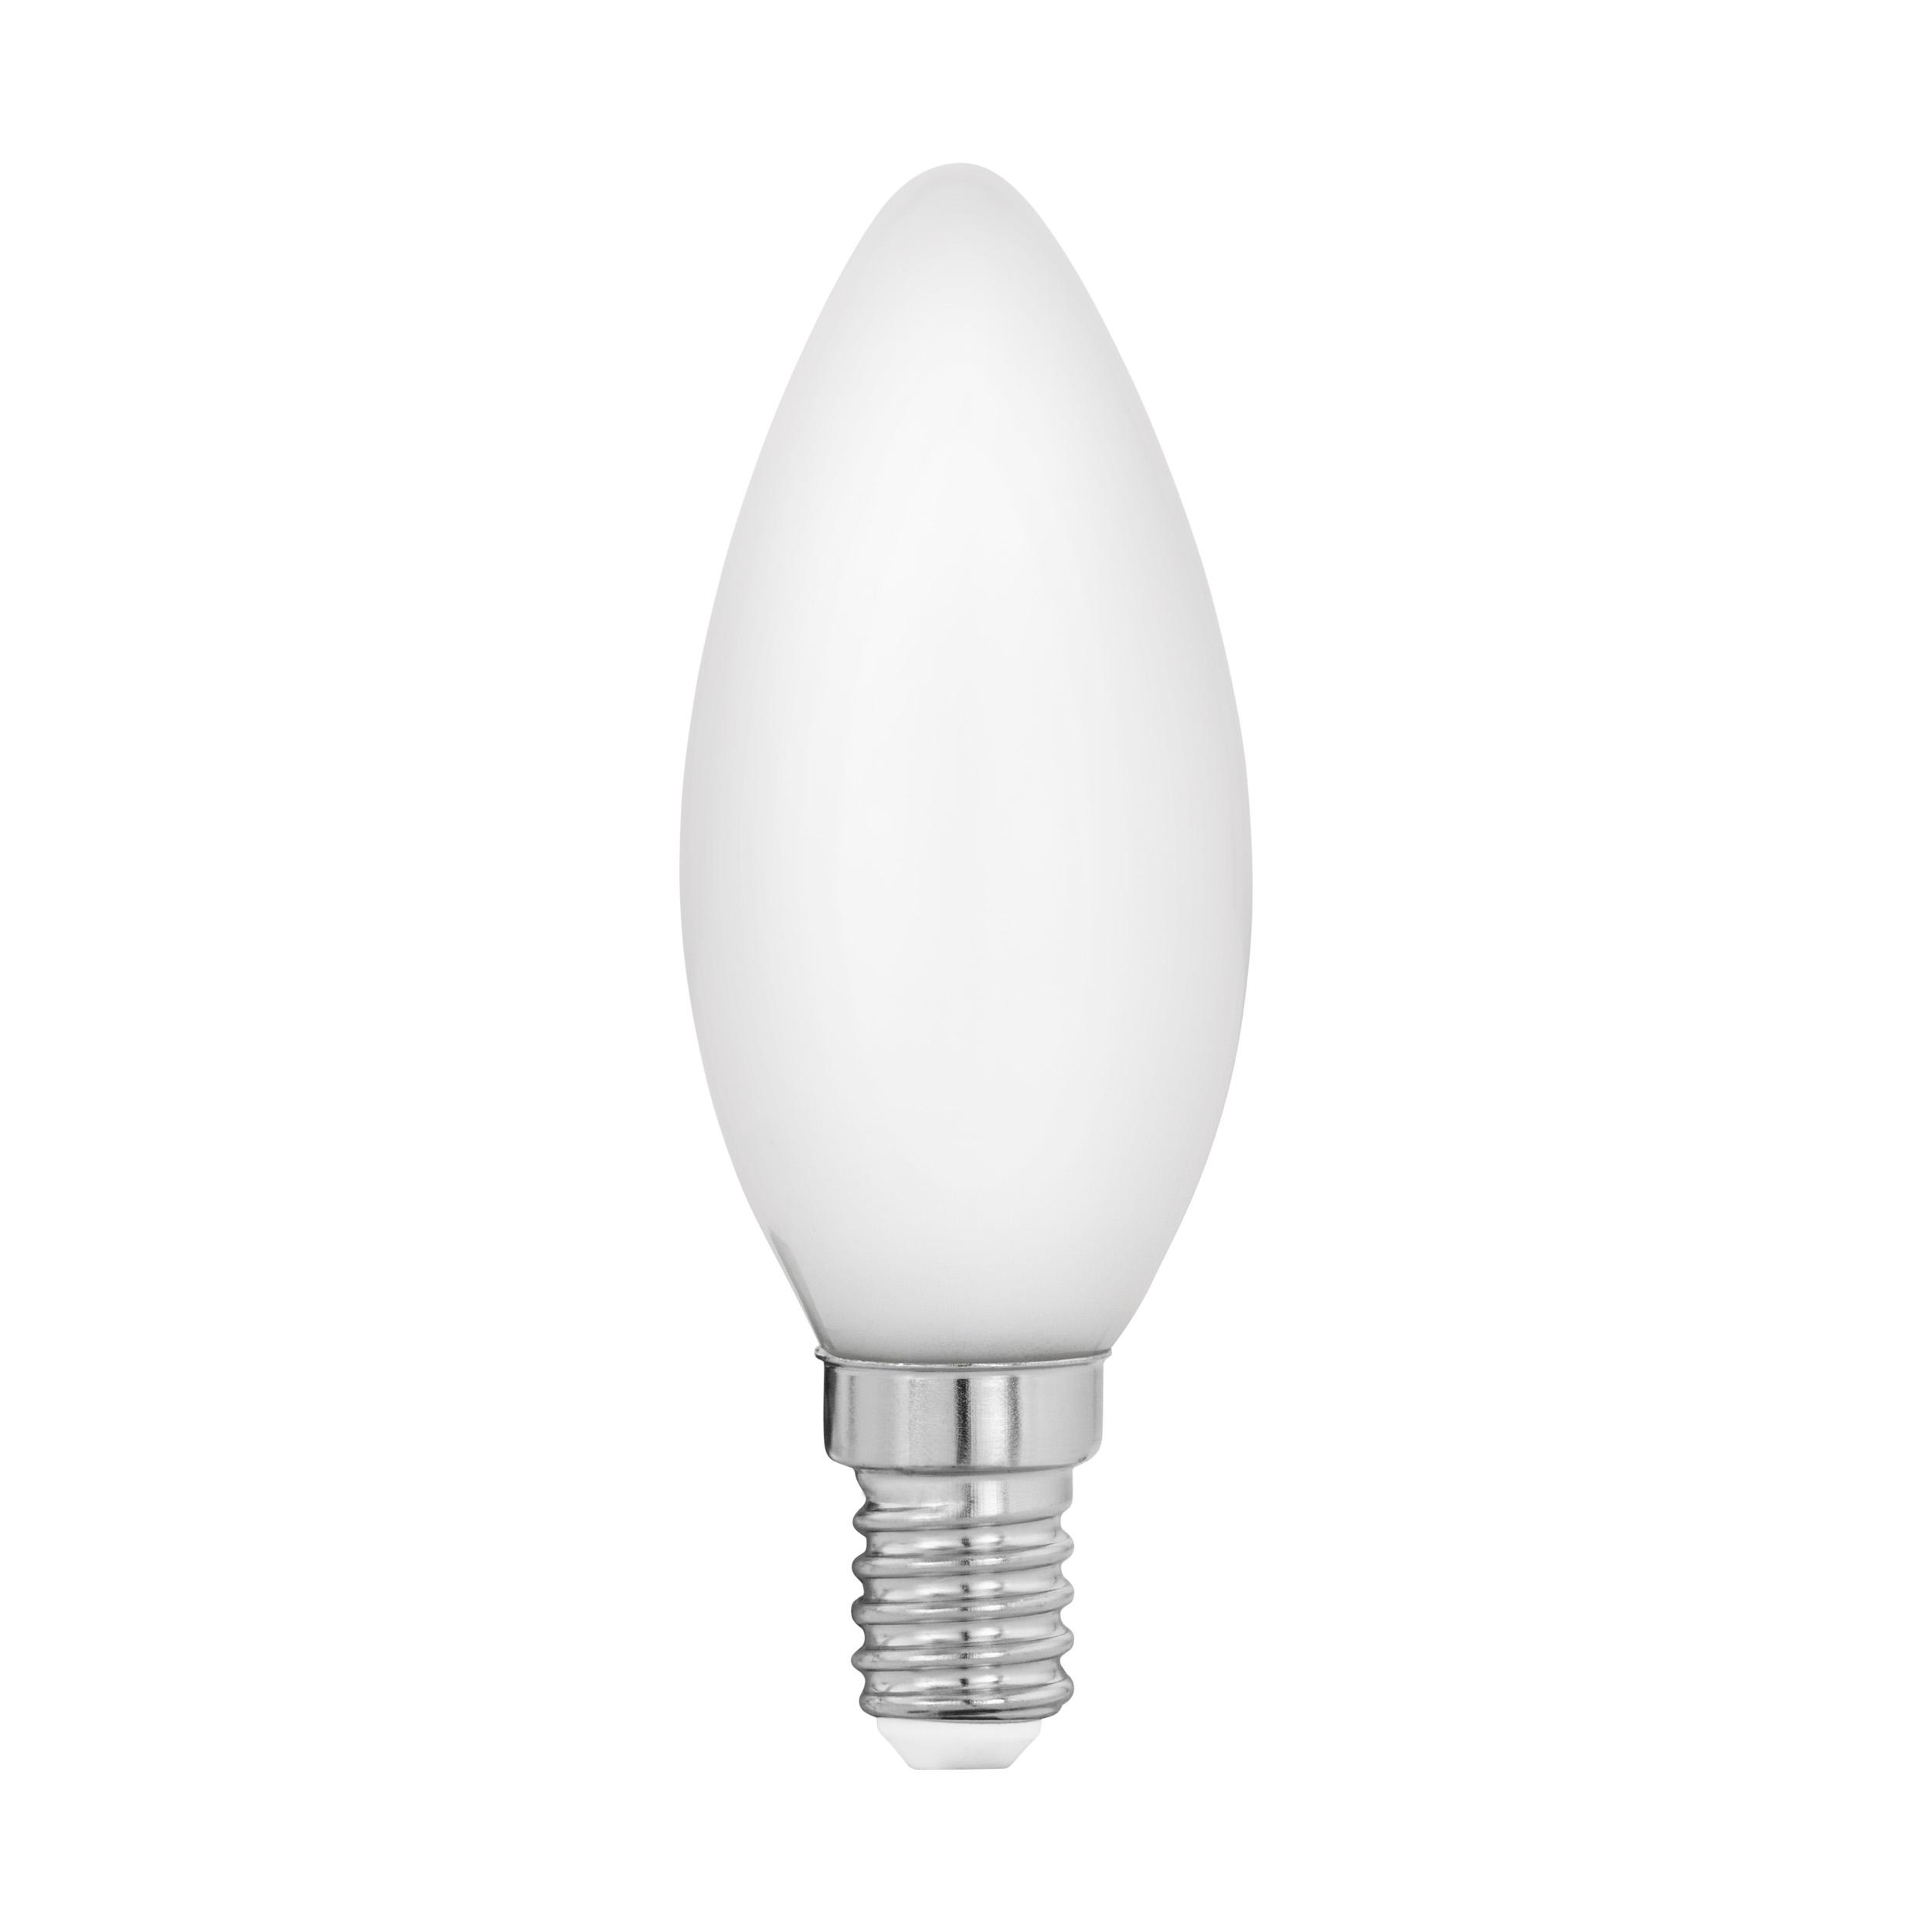 1 Stk E14-LED-C35 4W / Kerze 2700  LI69185---